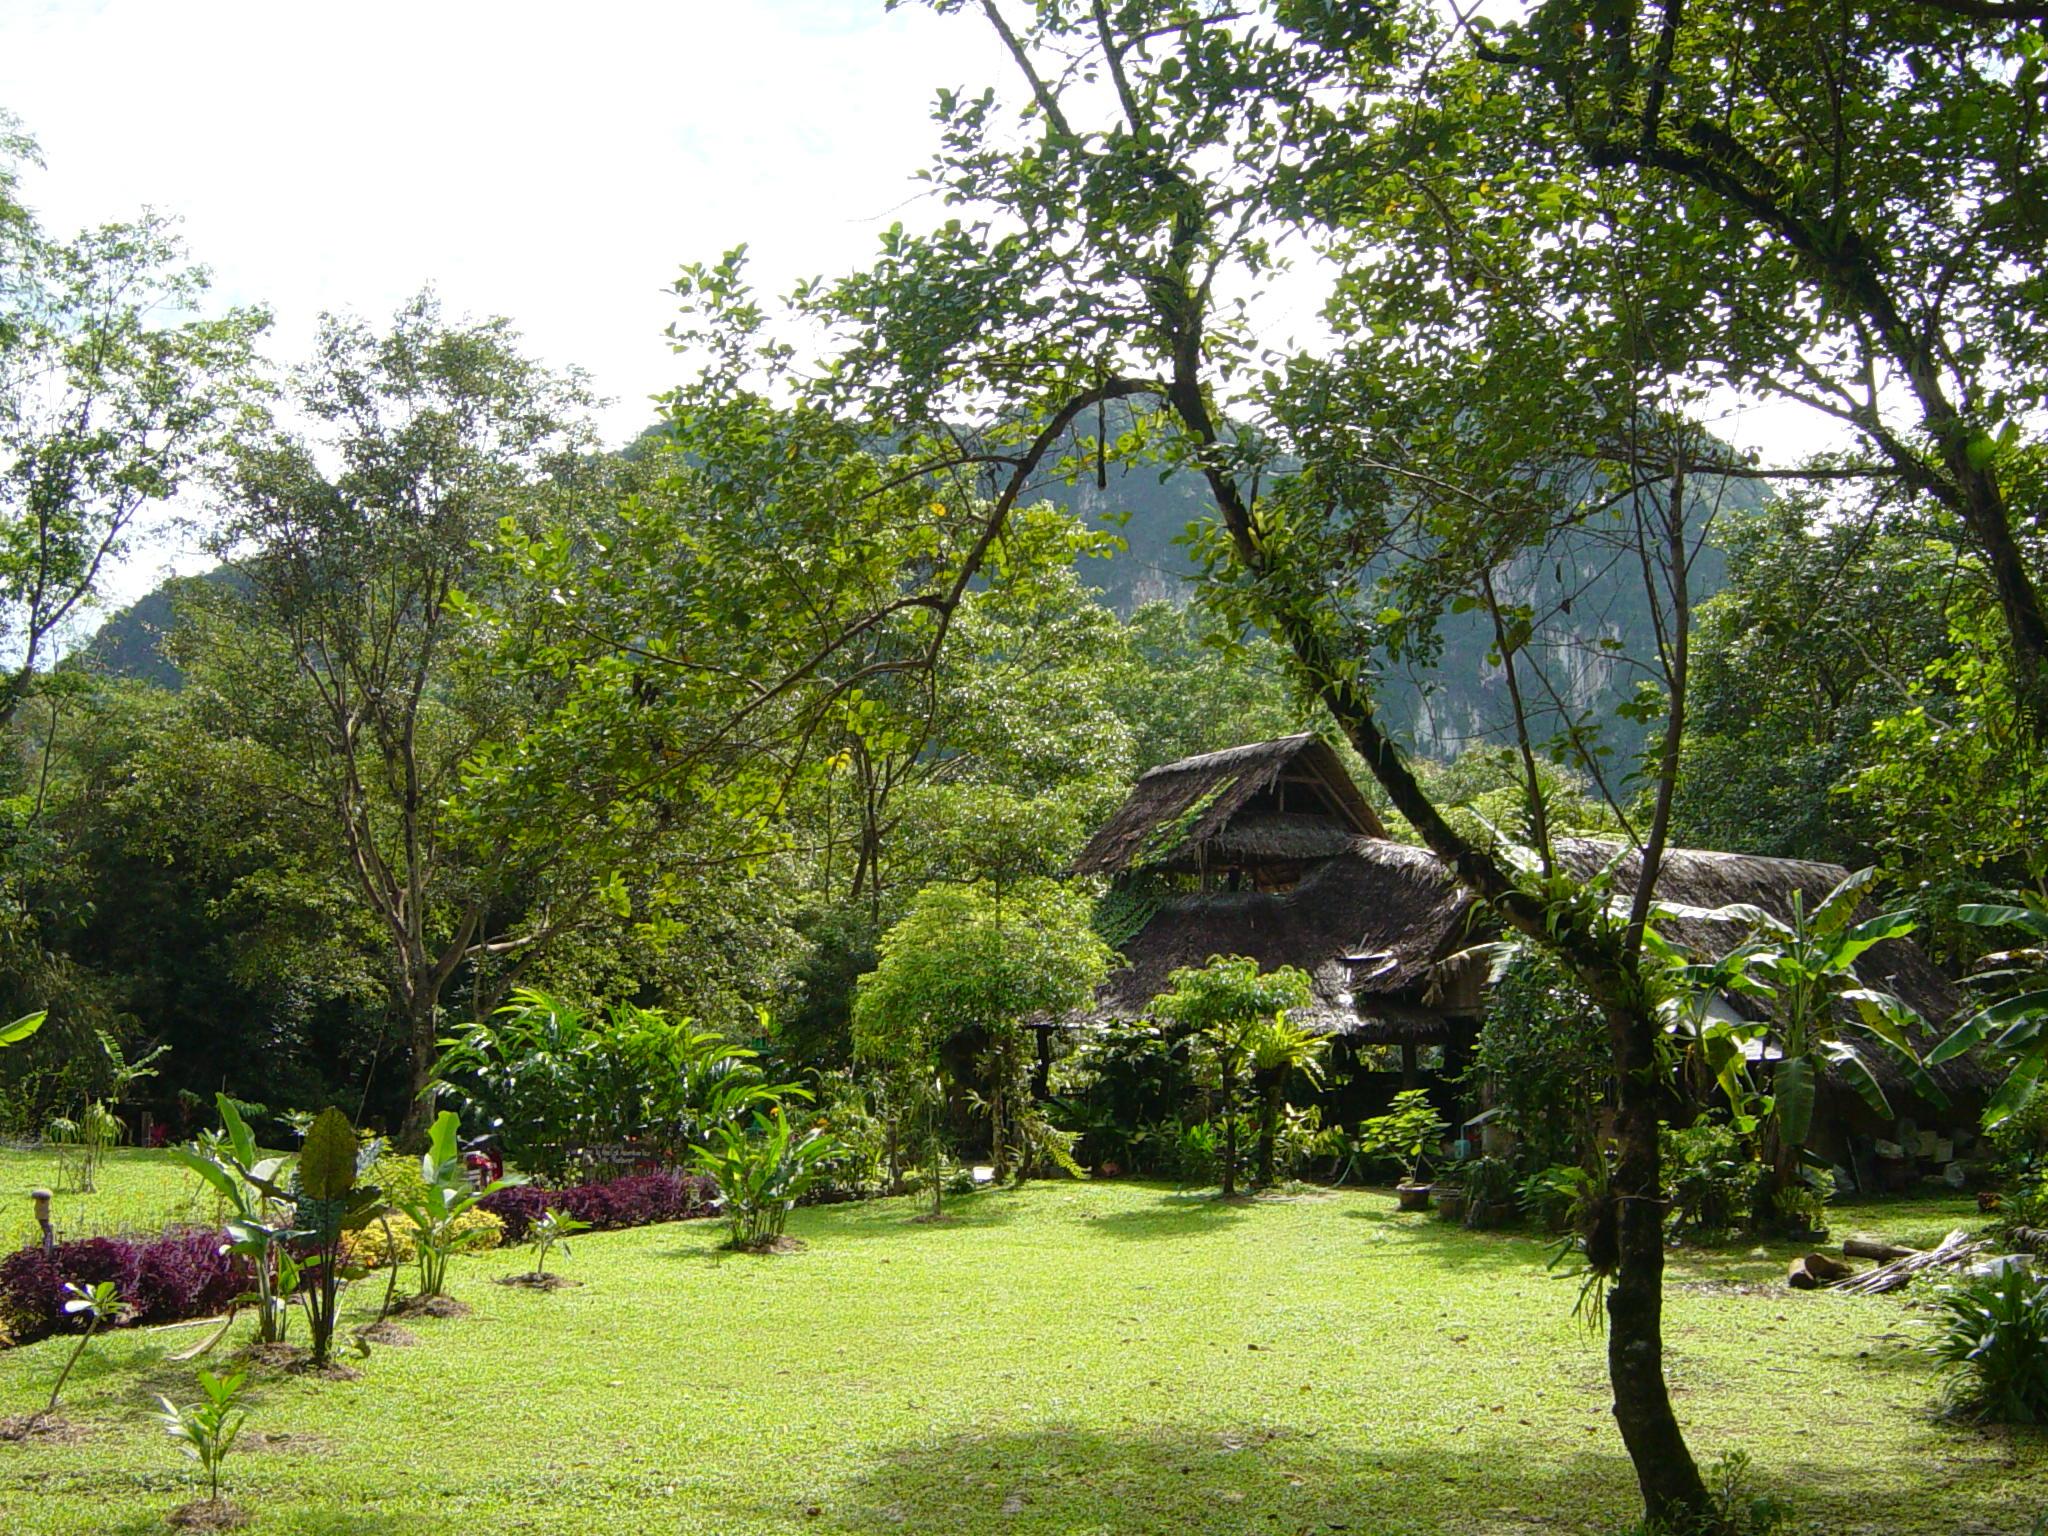 Reception im Dschungel - Deutsche Tauchschule Phuket